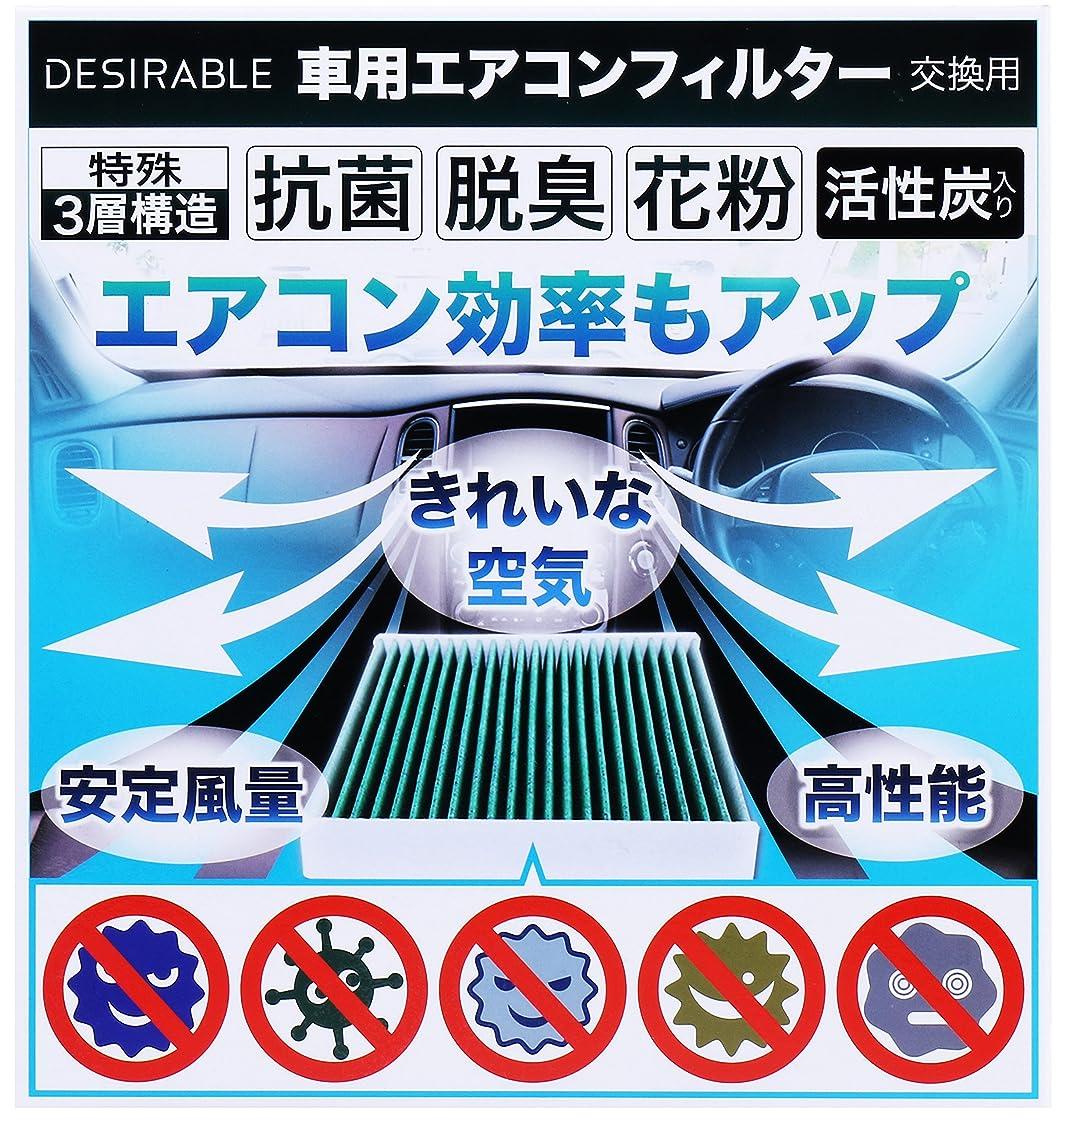 アライメント現実的シェアDesirable製 特殊3層構造&活性炭入り 交換用 エアコンフィルター PM2.5除去 ウィルス 排ガス 抗菌 抗カビ をブロックの高機能 タウンエース ダイナ ライトエース モコ SA008 参考型番DCC7003、08975-K2004等